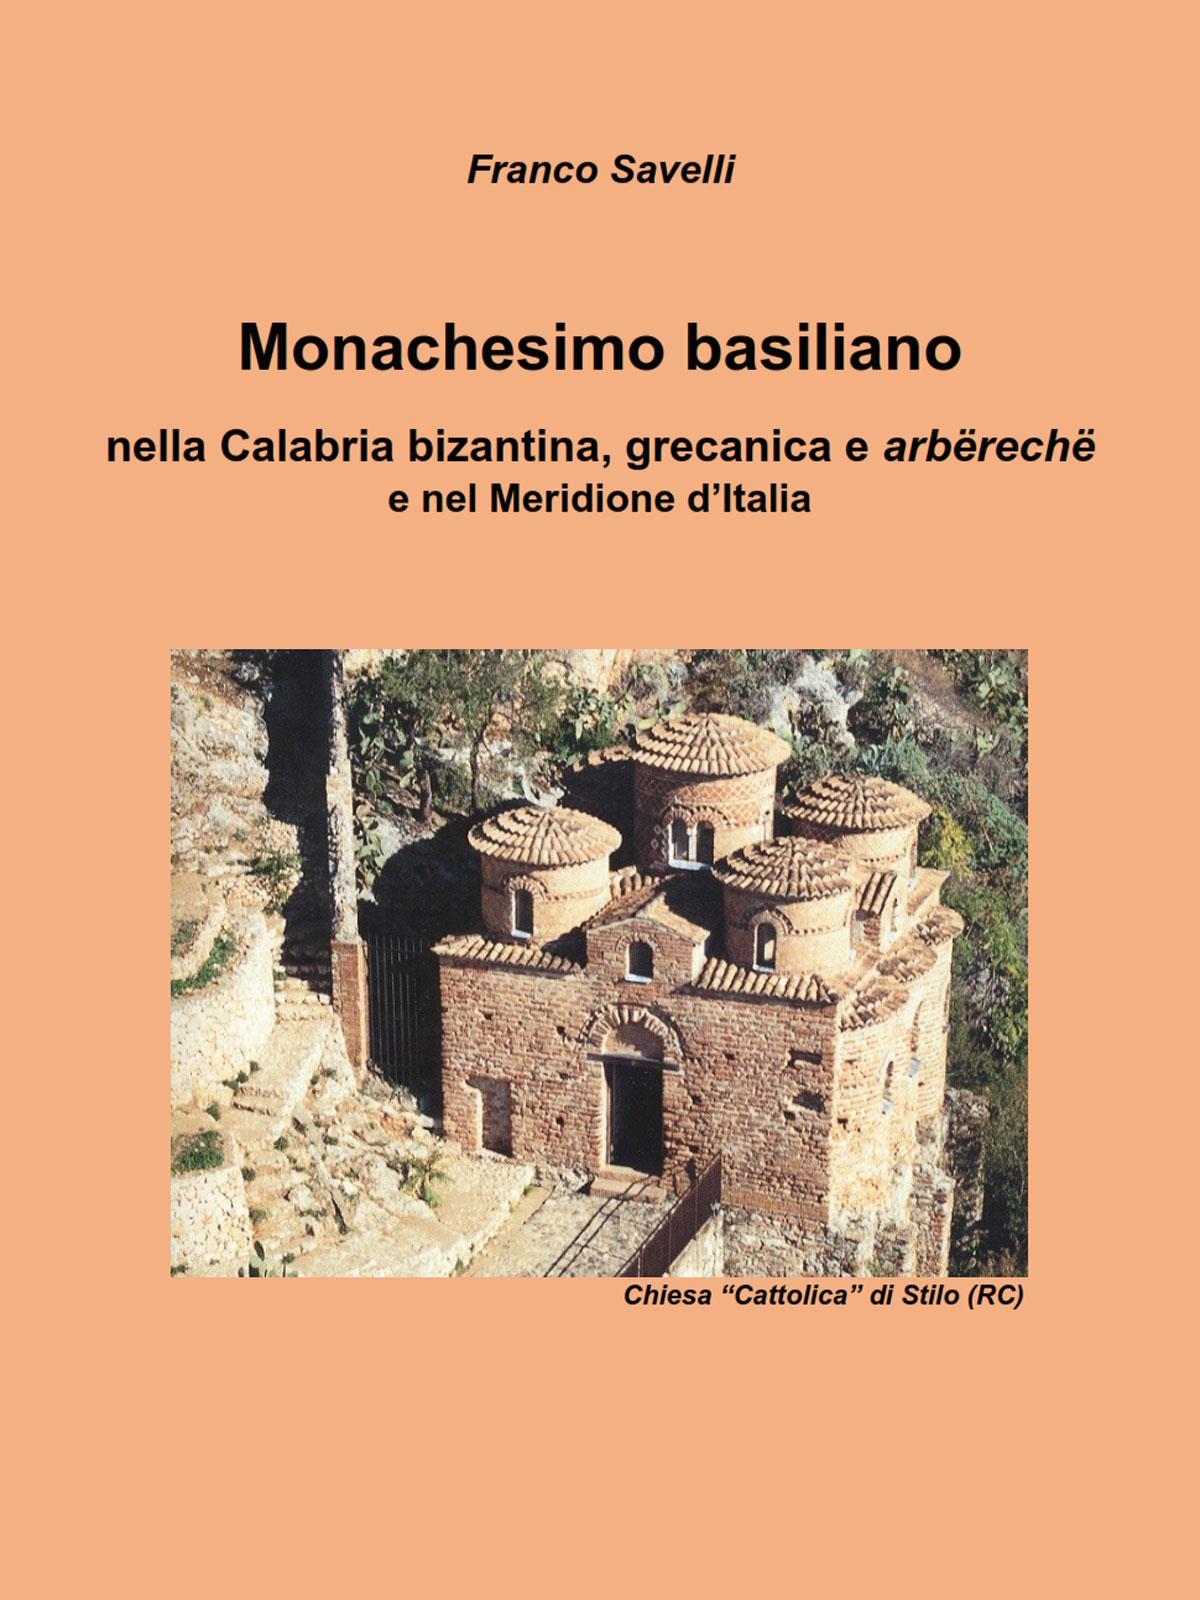 Monachesimo basiliano - nella Calabria bizantina, grecanica e arbërechë  e nel Meridione d'Italia